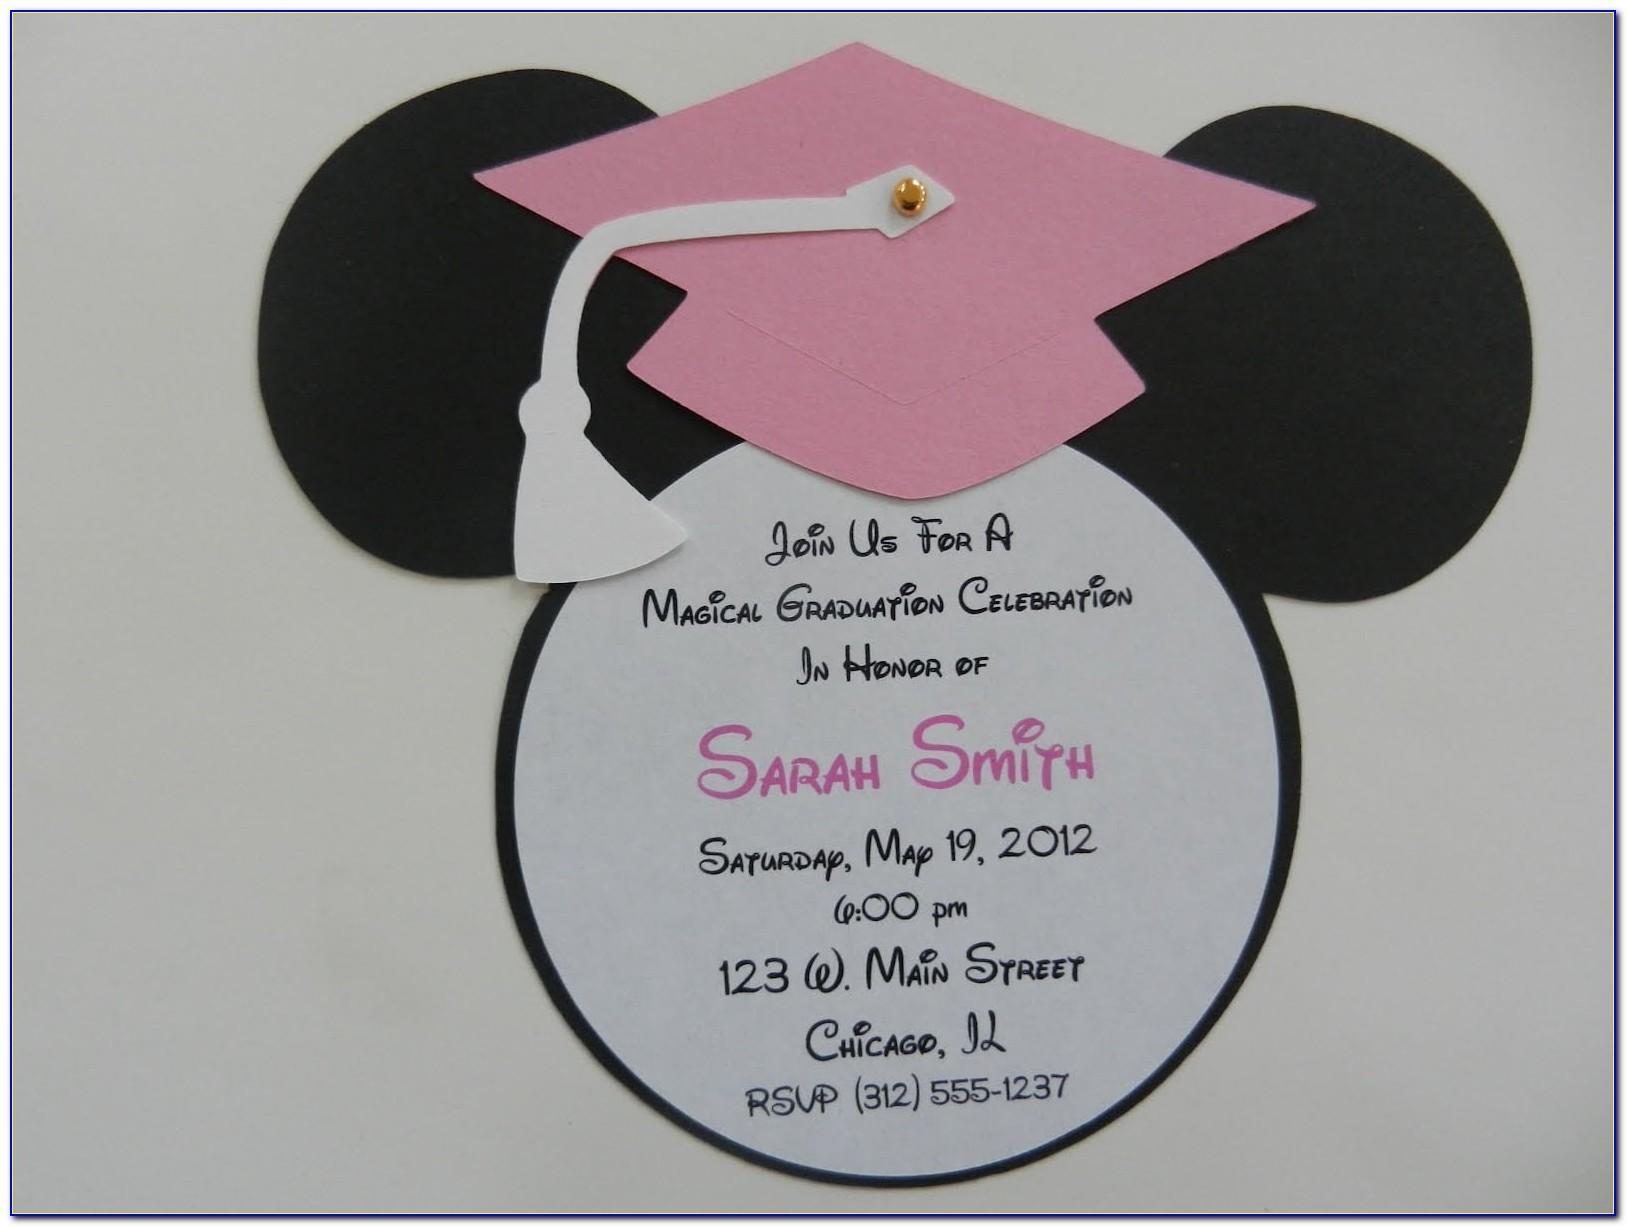 Odu Graduation Announcements